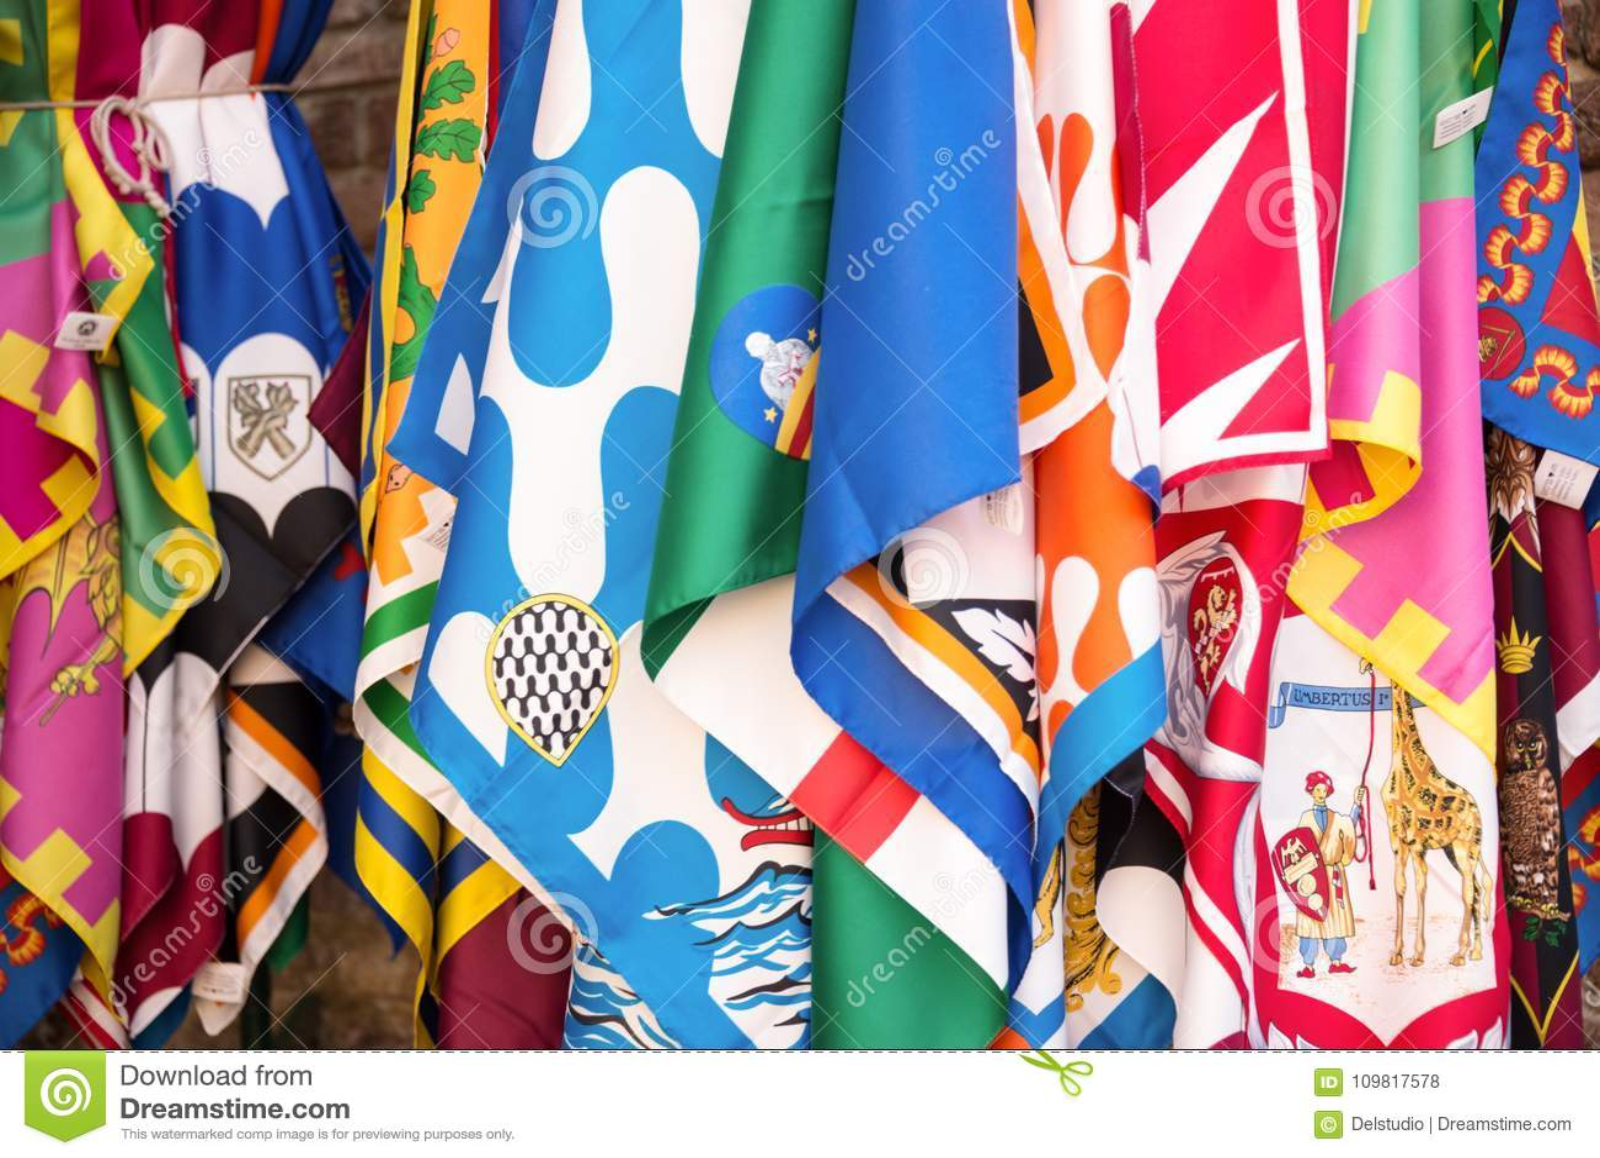 Bandeiras dos distritos do contrade de Siena, fundo do festival de Palio, em Siena, Toscânia Itália